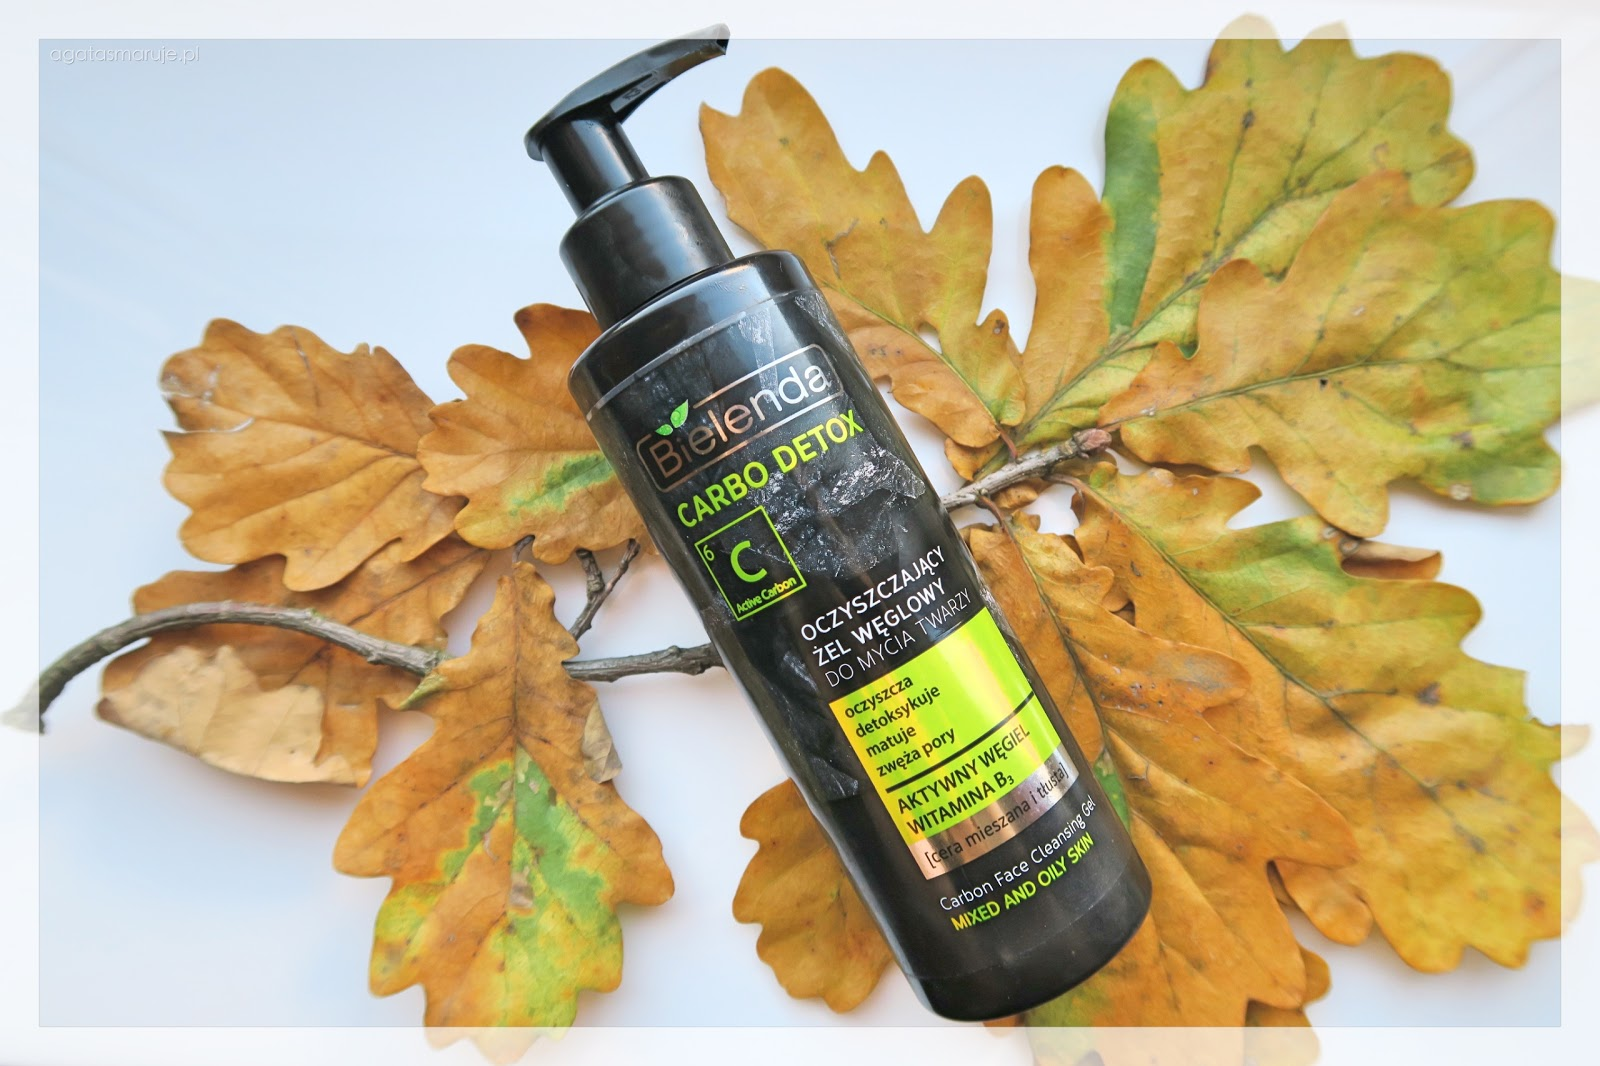 Bielenda, Carbo Detox, Oczyszczający żel węglowy do mycia twarzy | recenzja